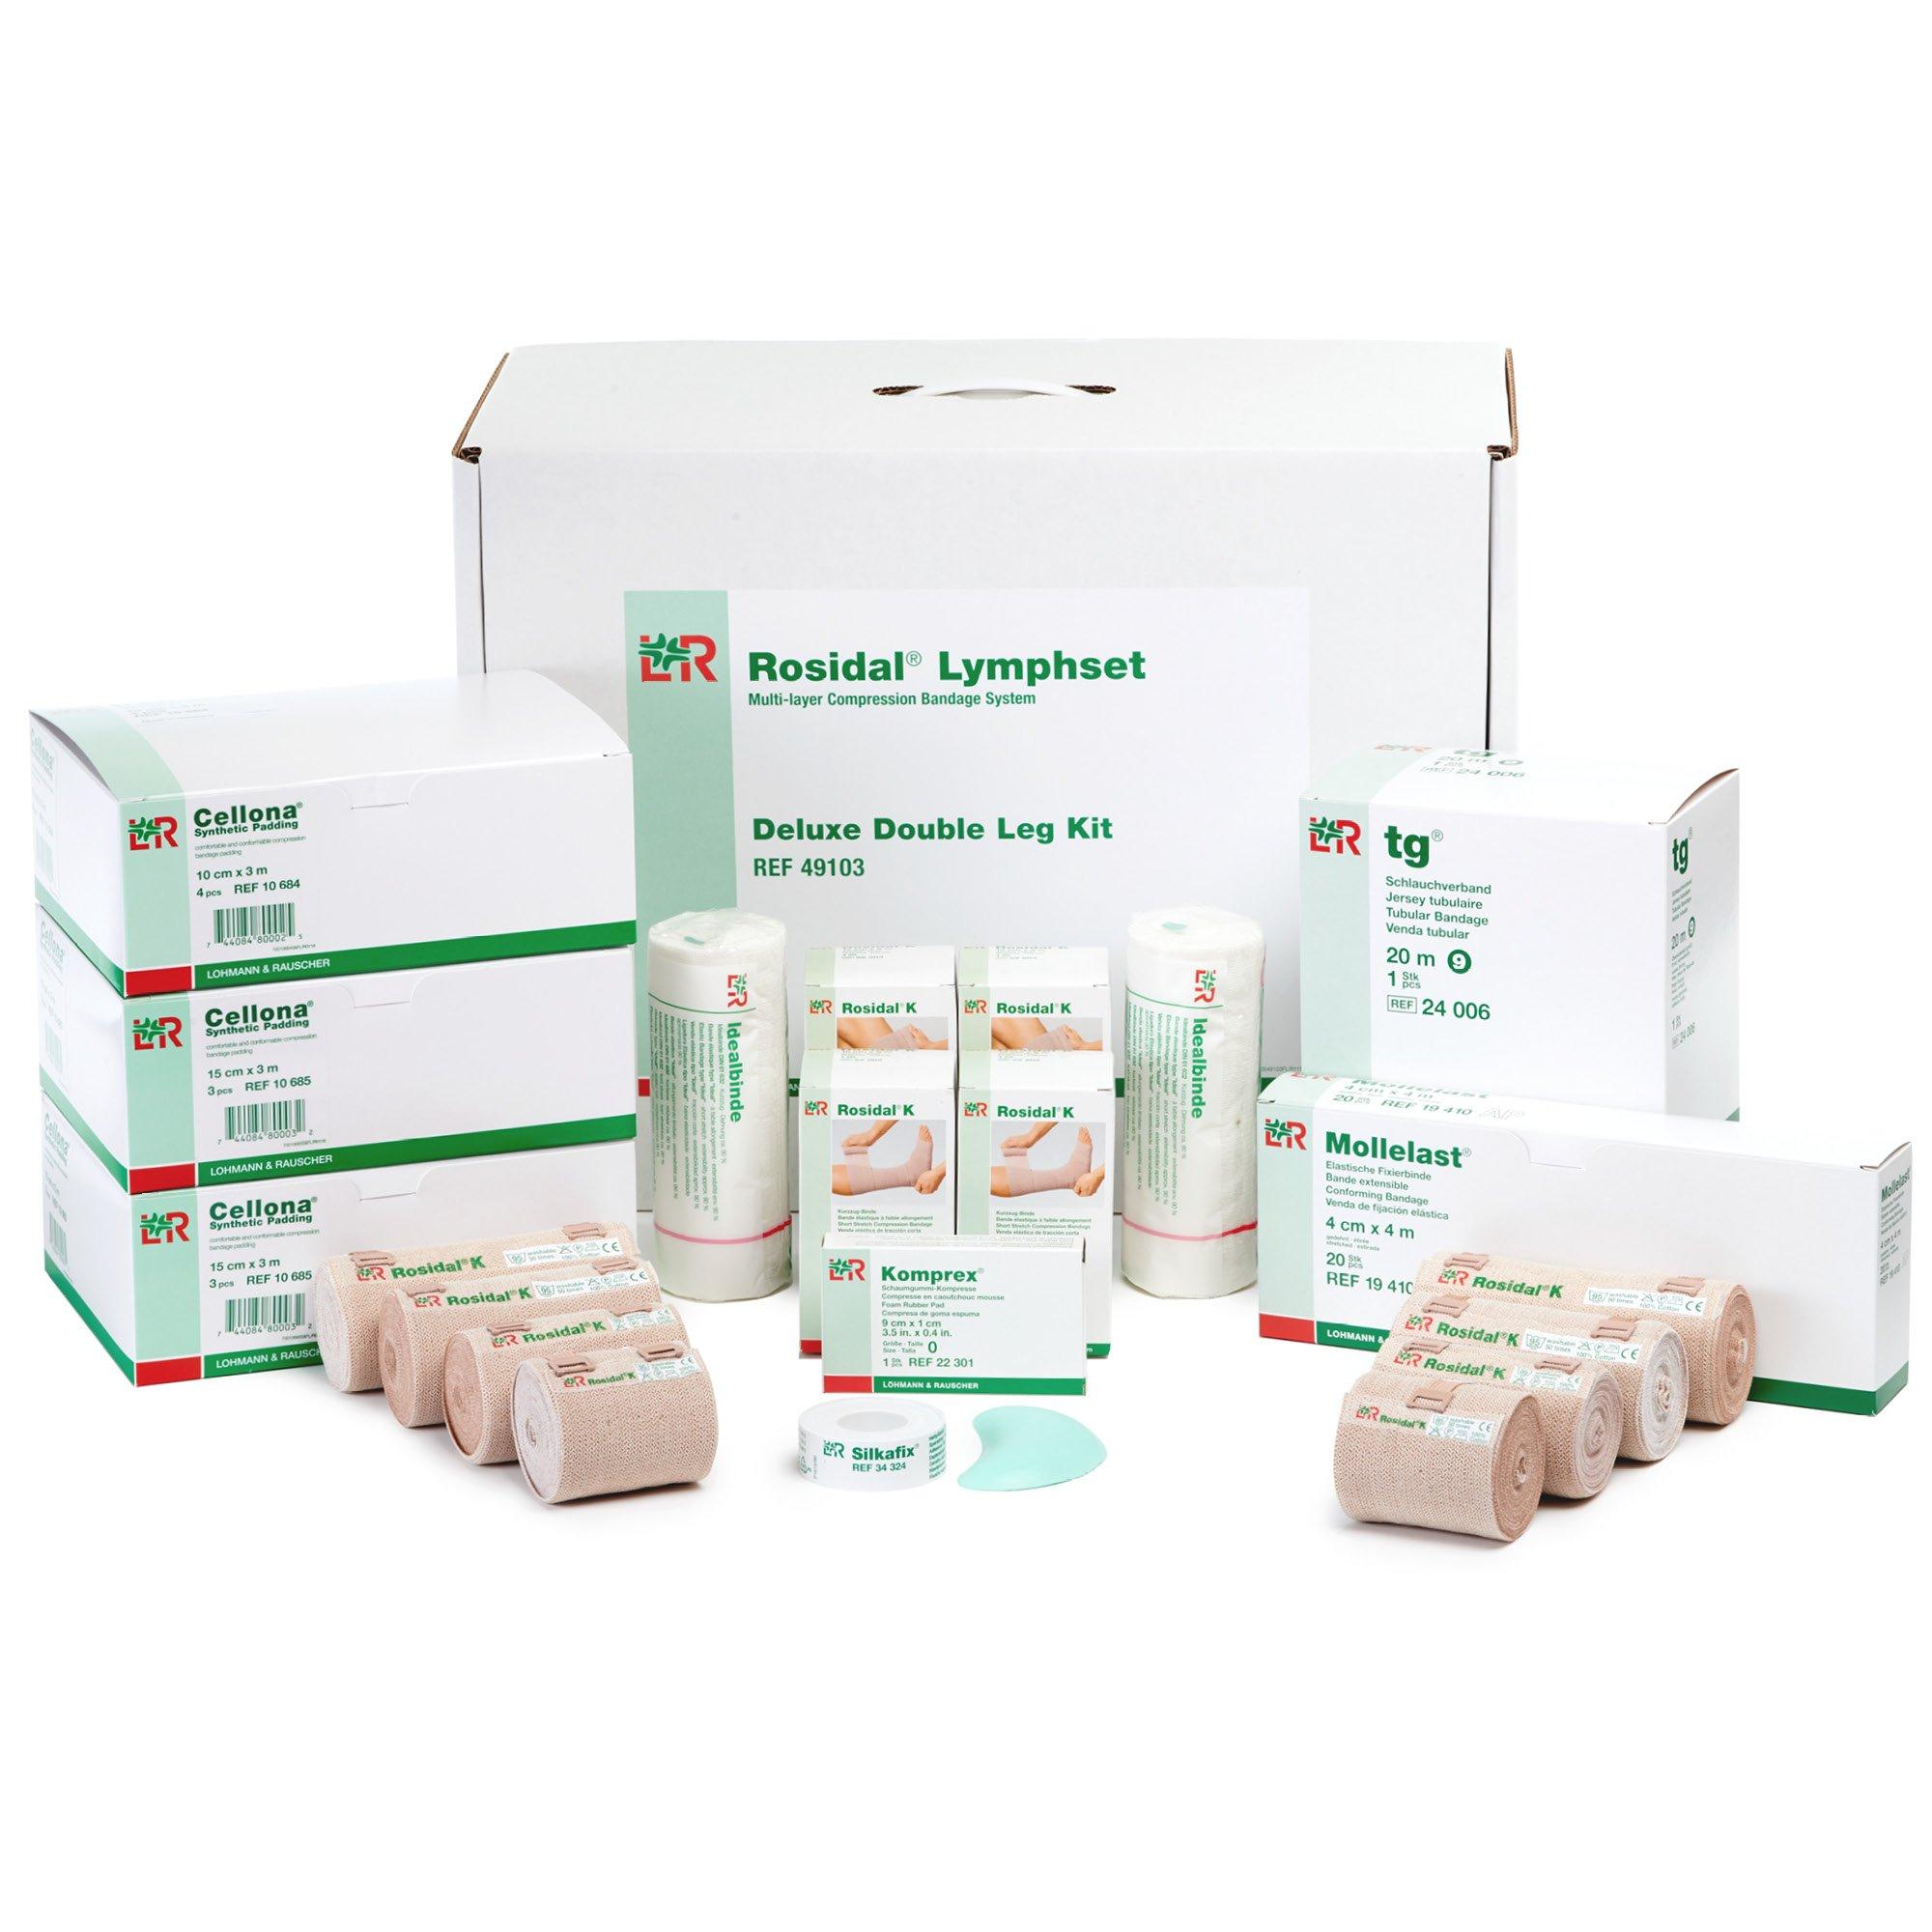 Rosidal Lymphset Compression Bandaging Kit for Legs, Multi-Layer Compression Bandages Set, Includes Short Stretch Wrap, Synthetic Padding, Tubular Bandage, Adhesive Tape, Instructions, Double Leg